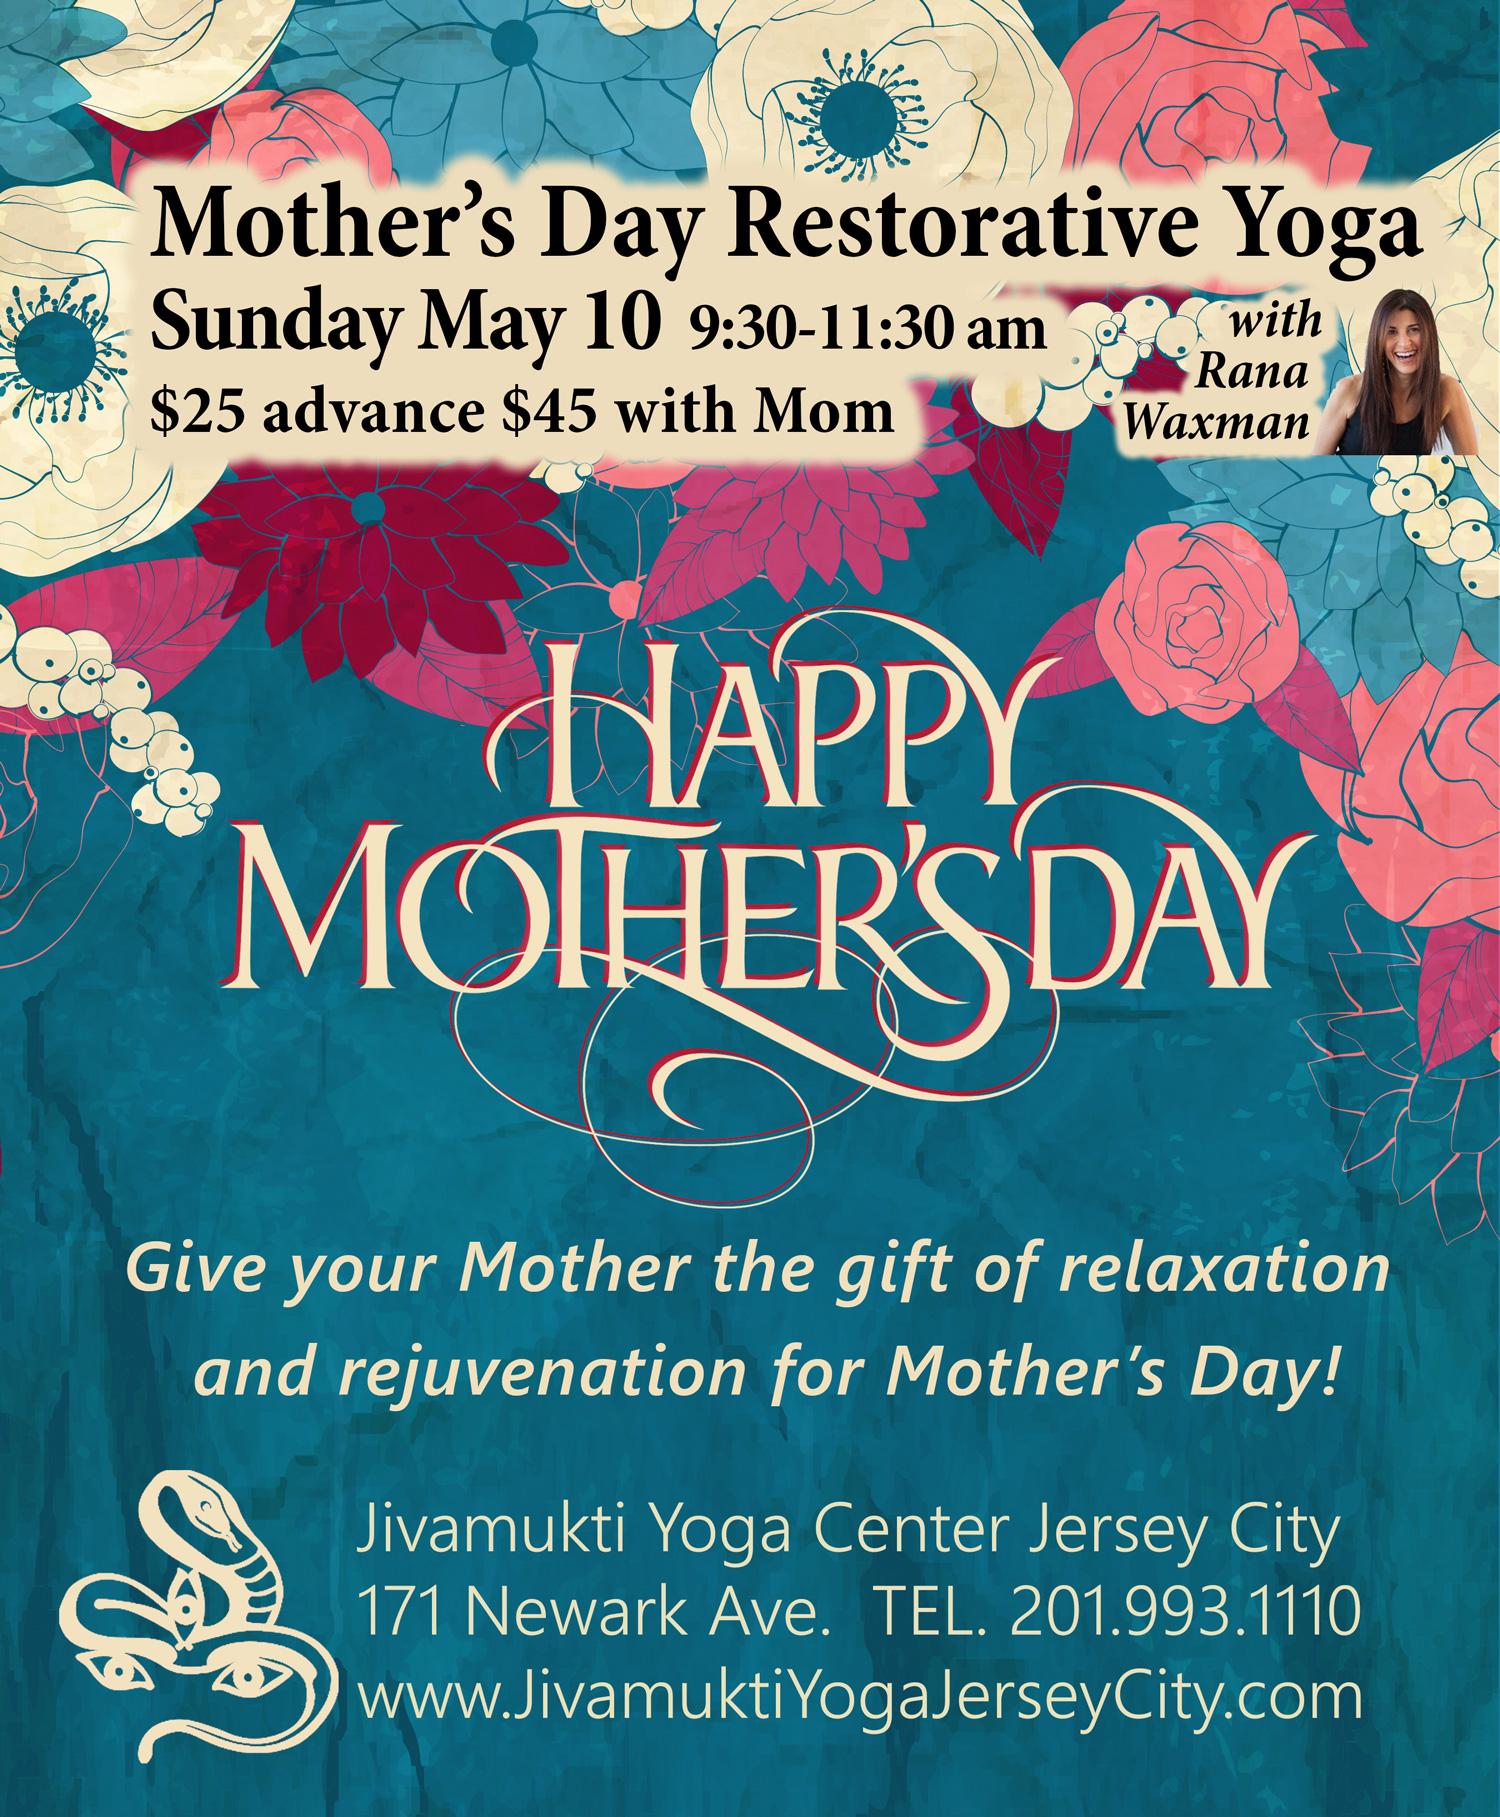 Mother's Day Restorative Yoga Workshop